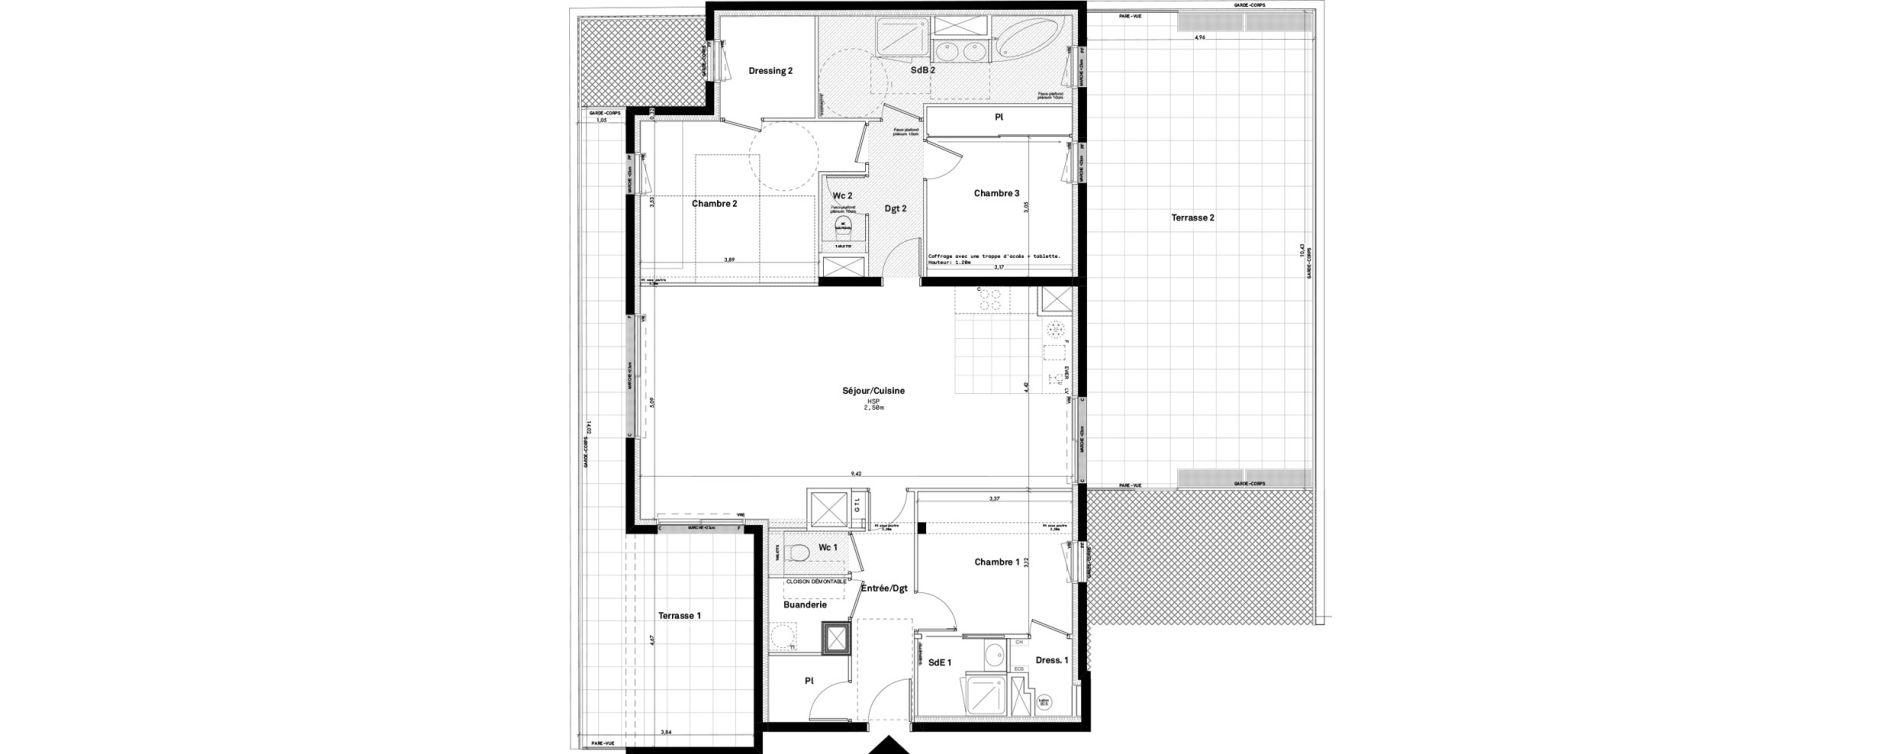 Appartement T5 de 119,11 m2 à Rennes Jeanne d'arc